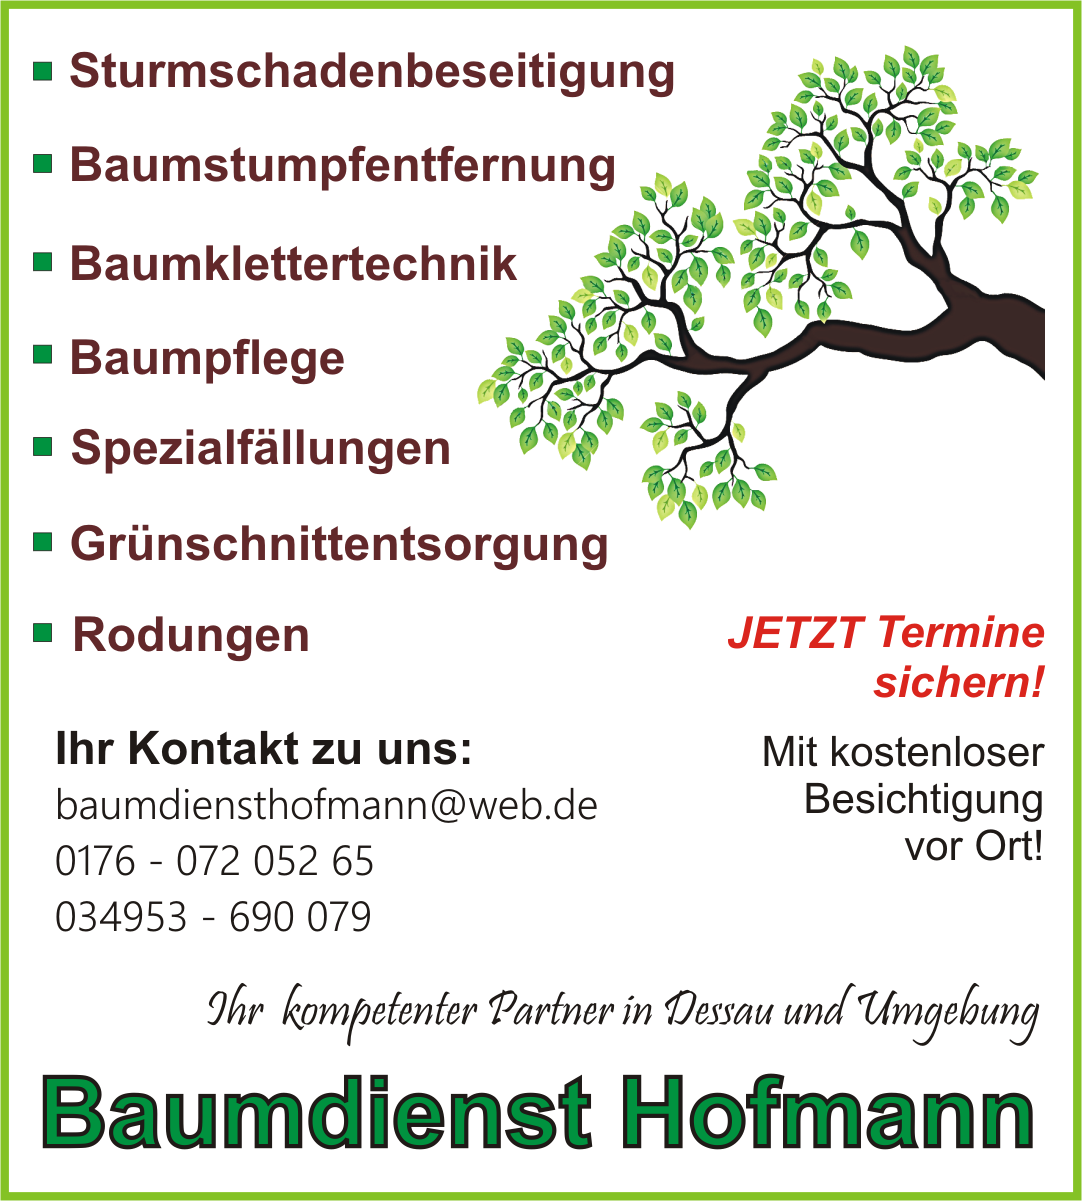 Baumdienst Hofmann